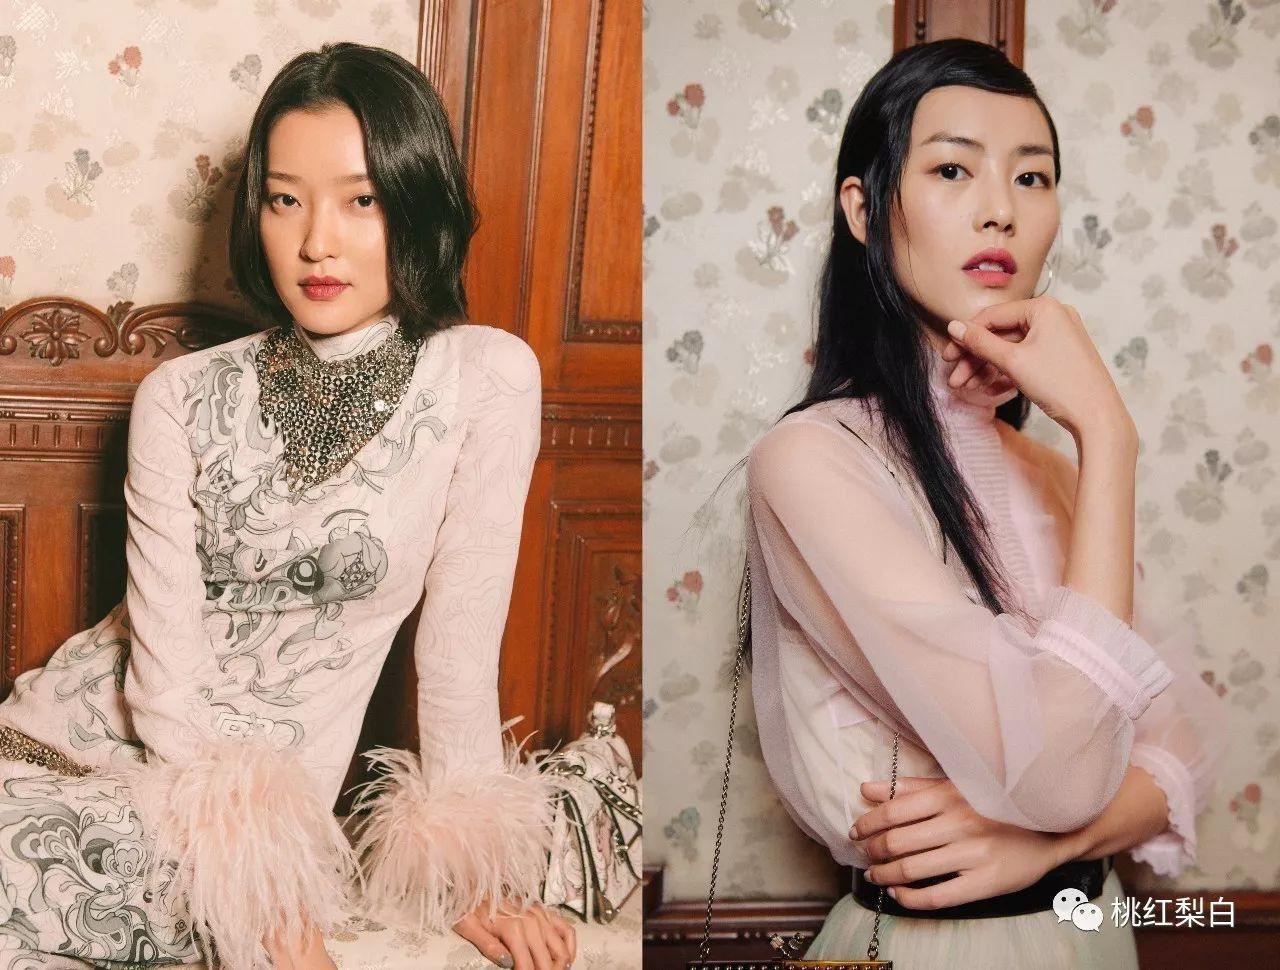 复古风的杜鹃和粉嫩感的刘雯,这场超模斗艳谁赢了?